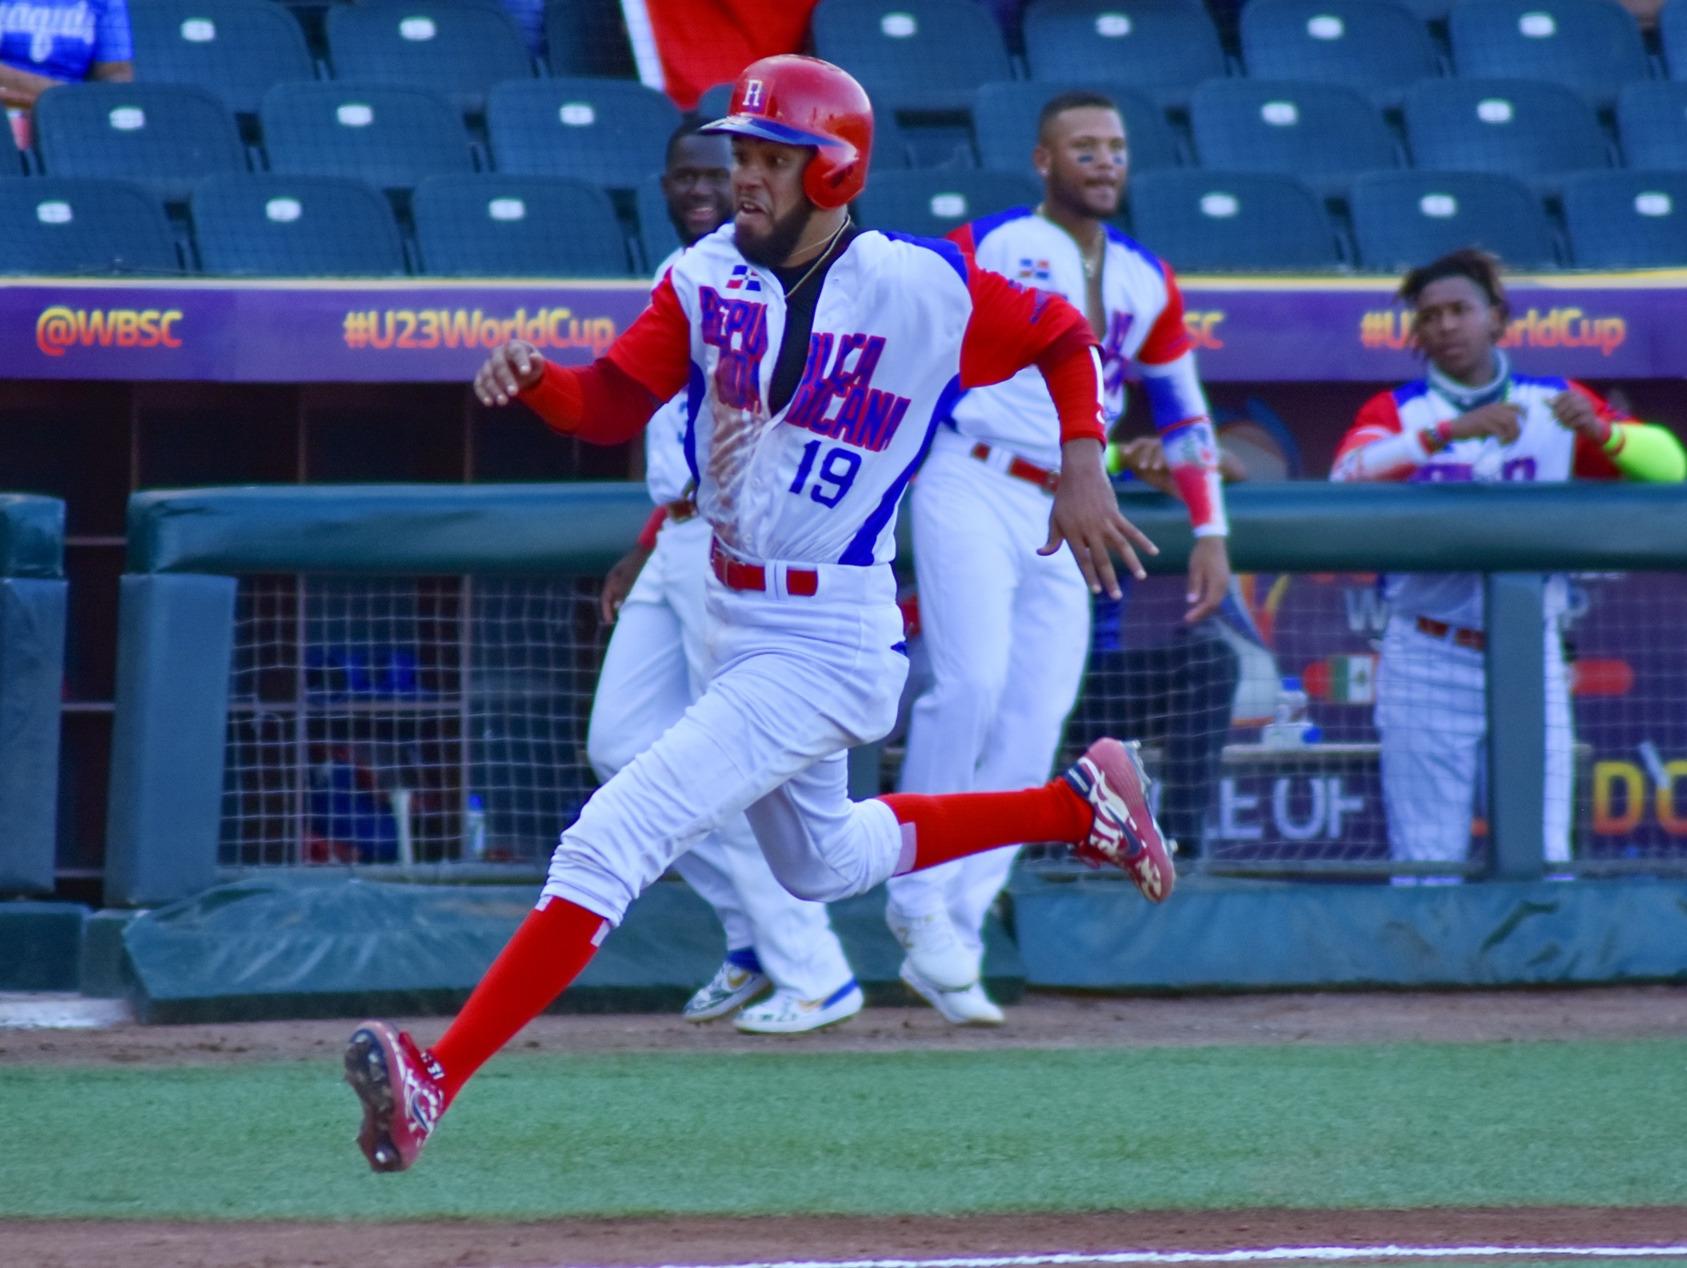 República Dominicana gana cerrado partido contra República Checa en Mundial U23 de Béisbol